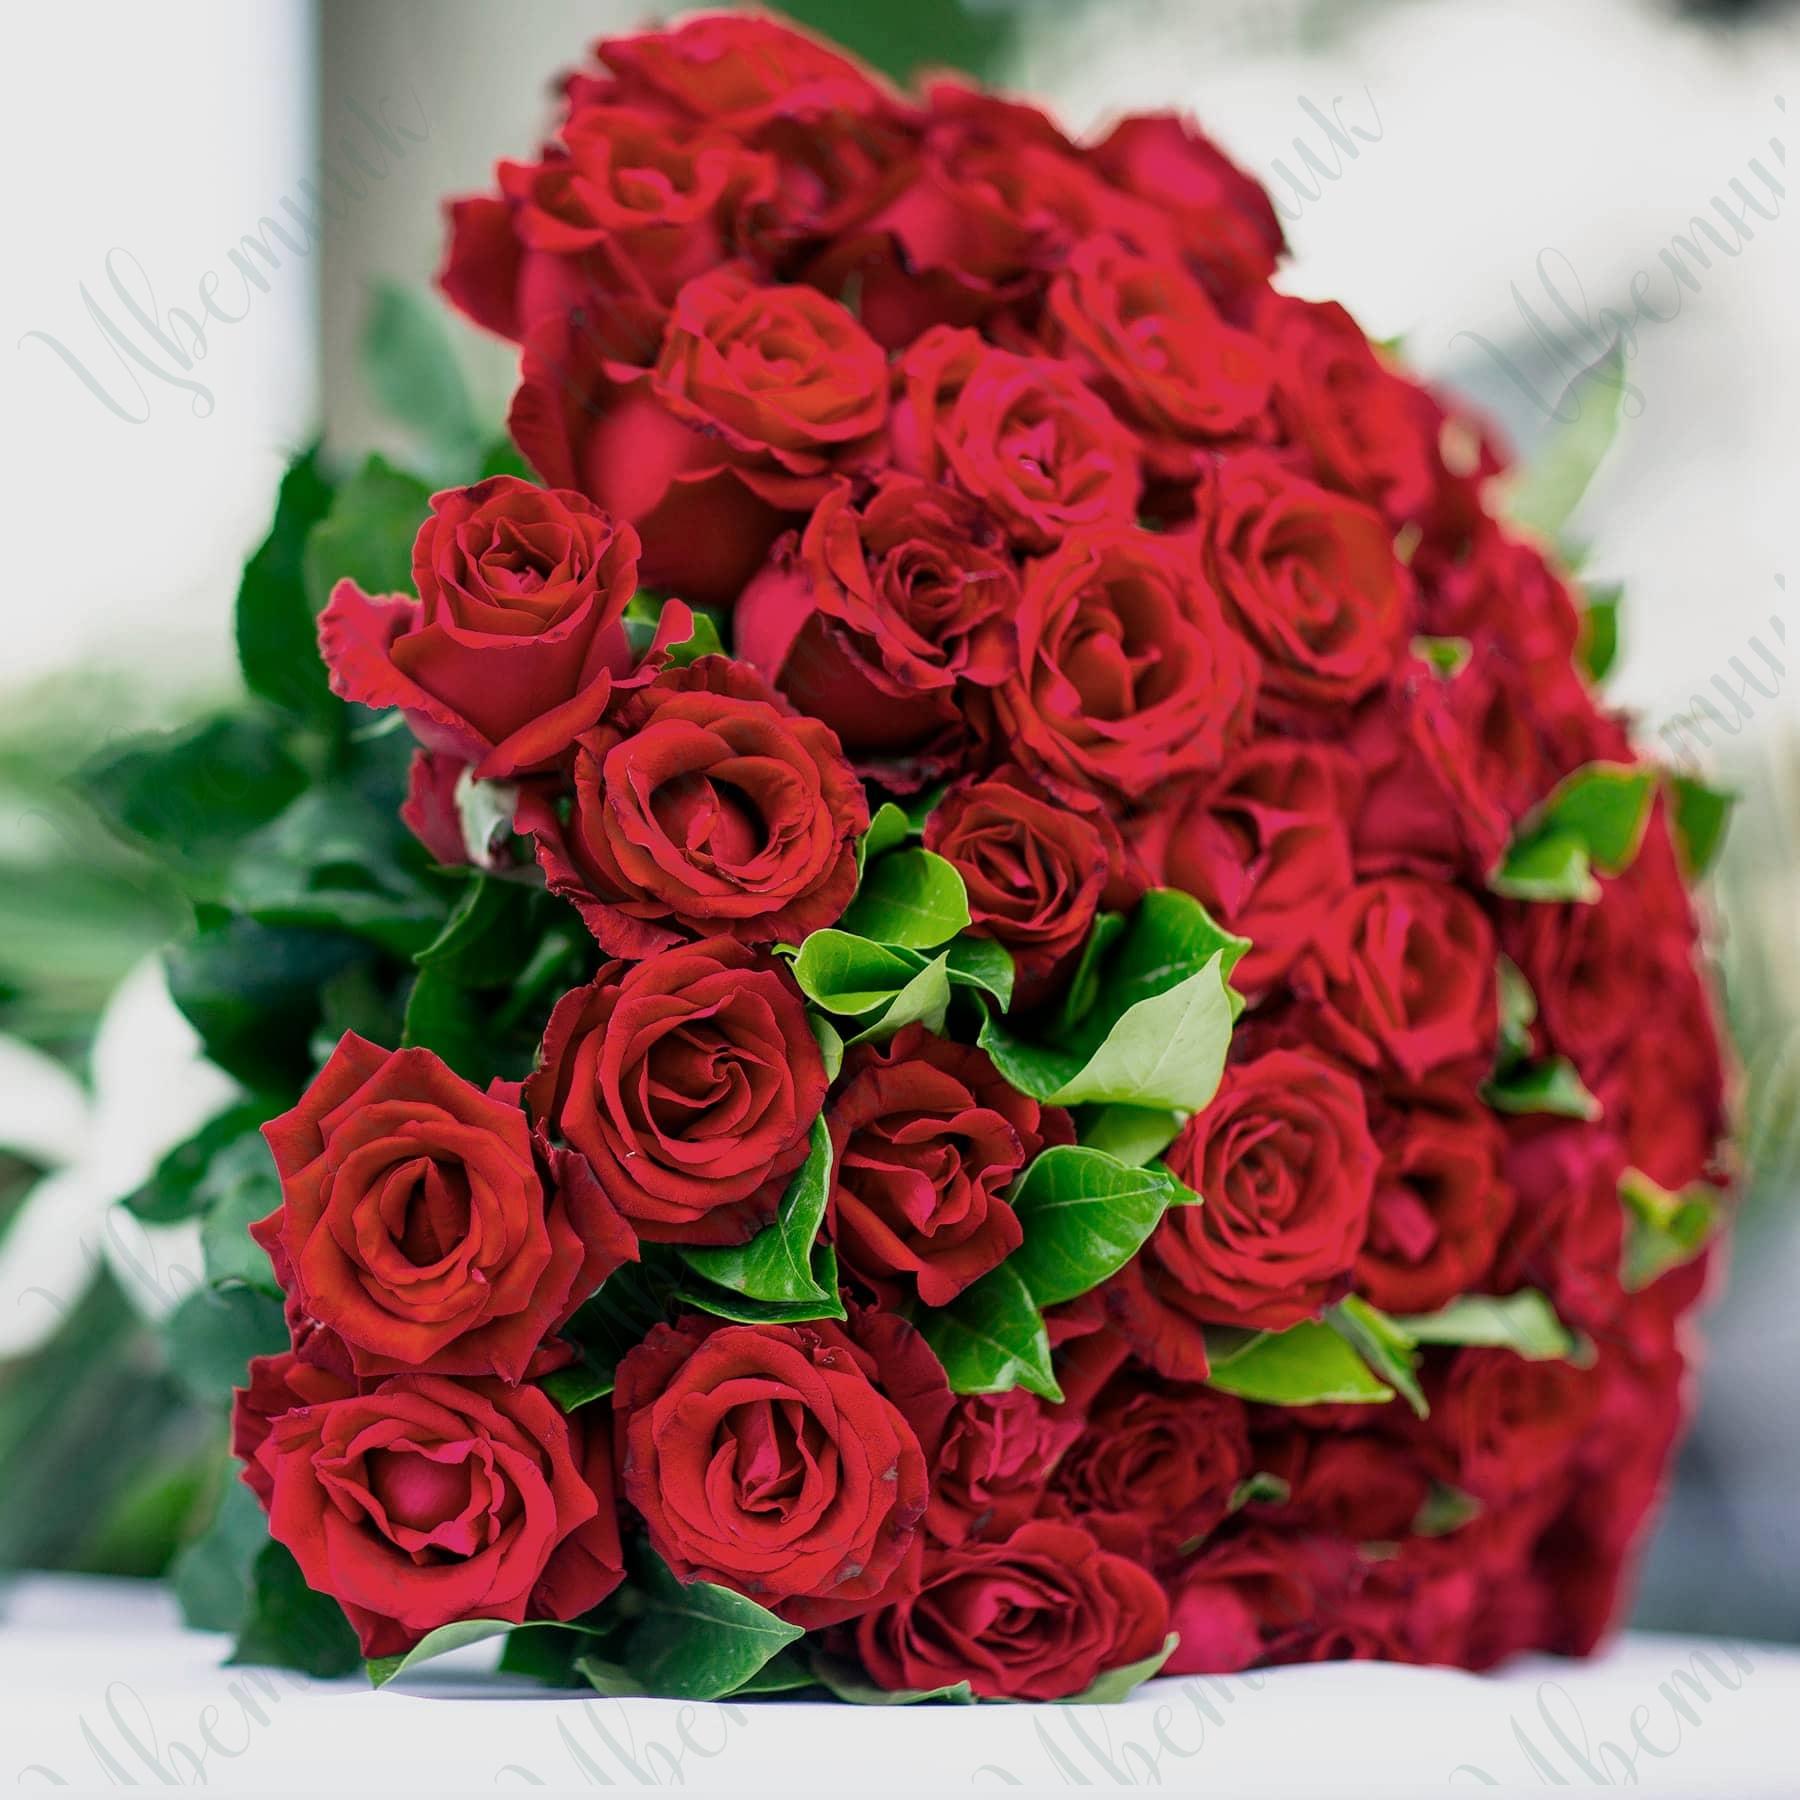 Букет из 51 красной розы с листиками салала